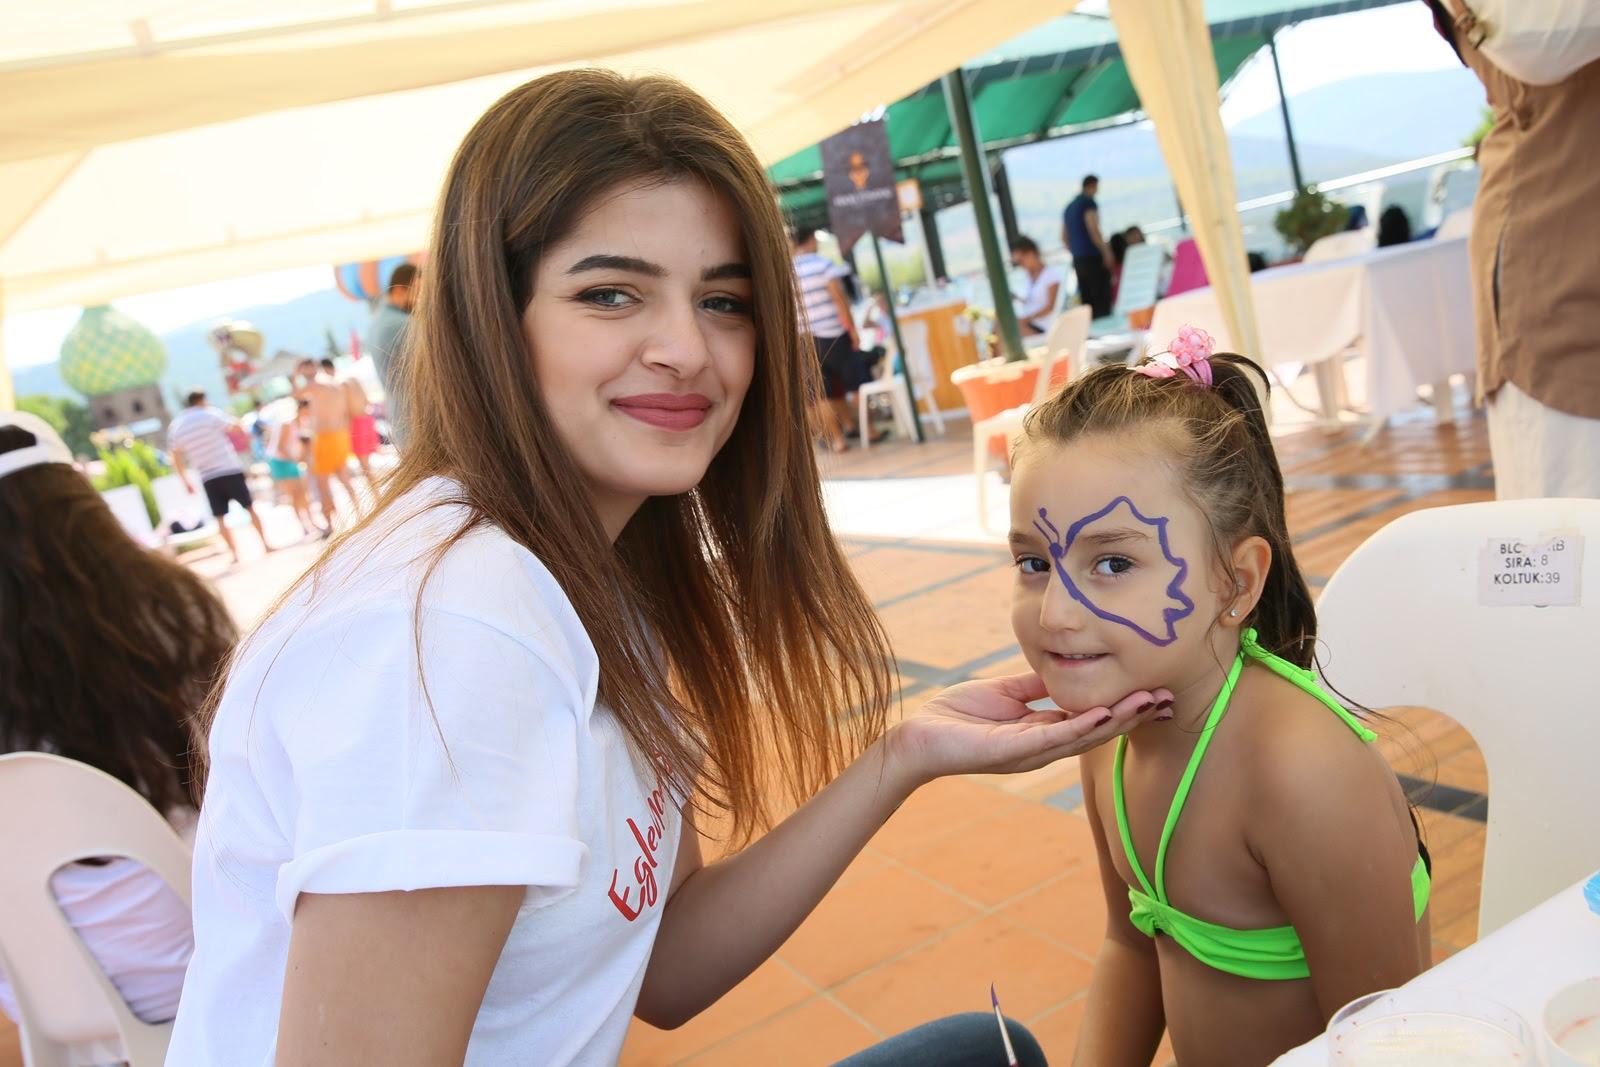 Yüz Boyama Aktiviteleri Ve Profesyonel Yüz Boyamacı Temini